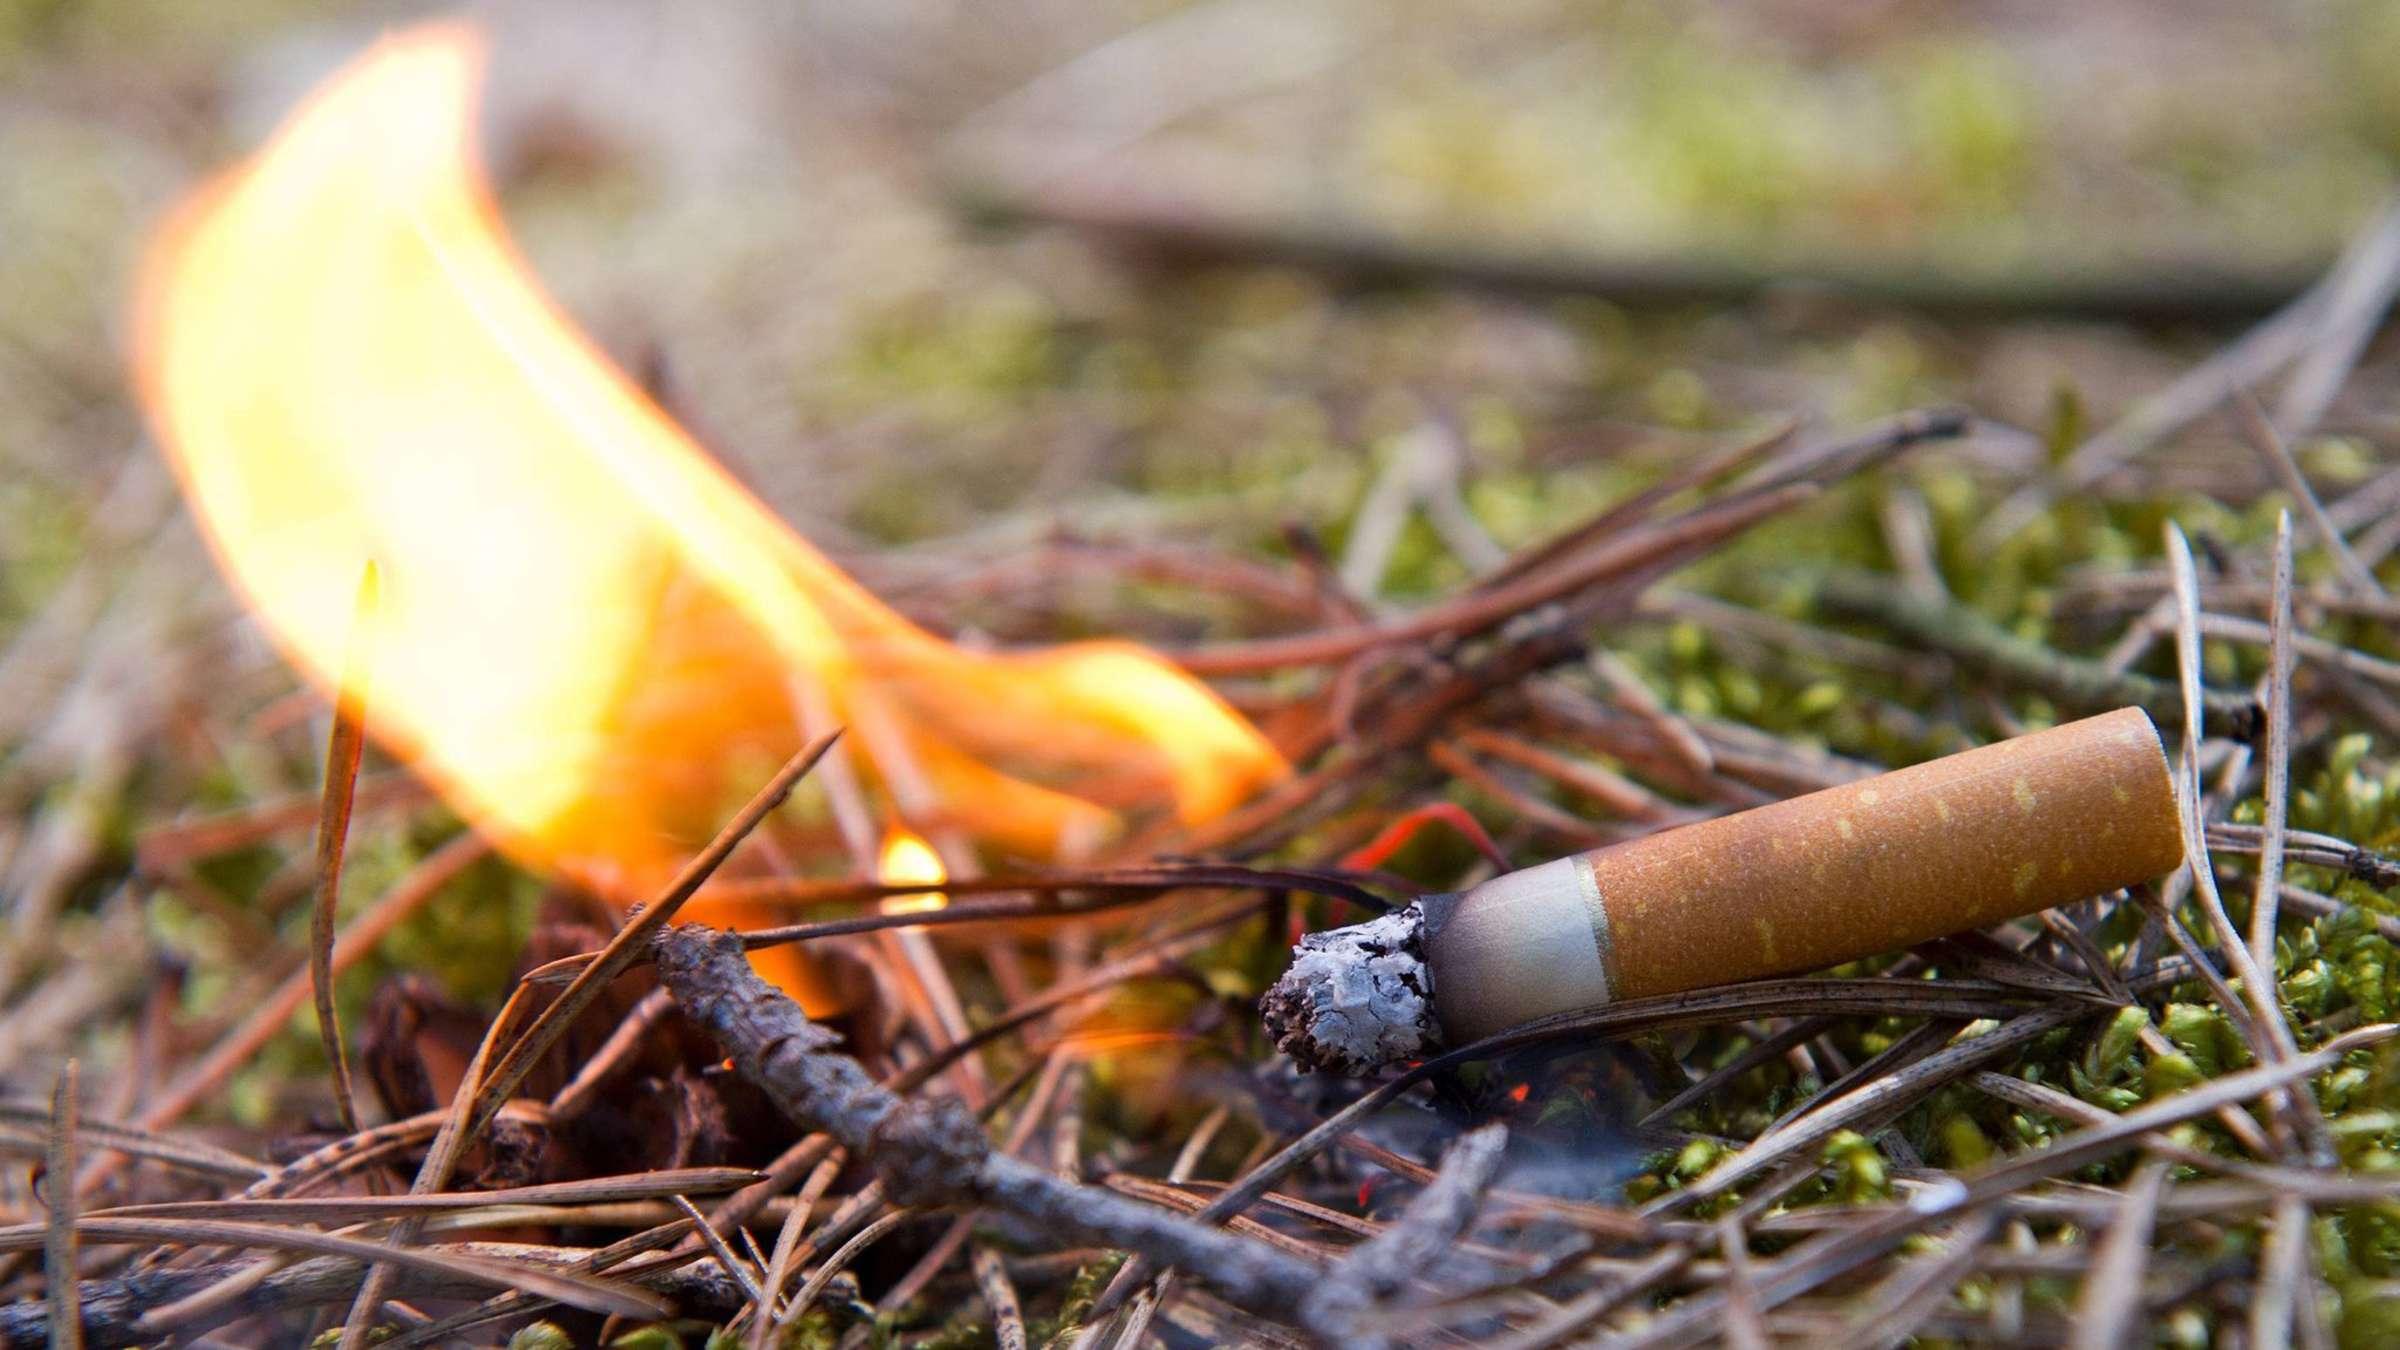 Полтавців попереджають про надзвичайну пожежну небезпеку